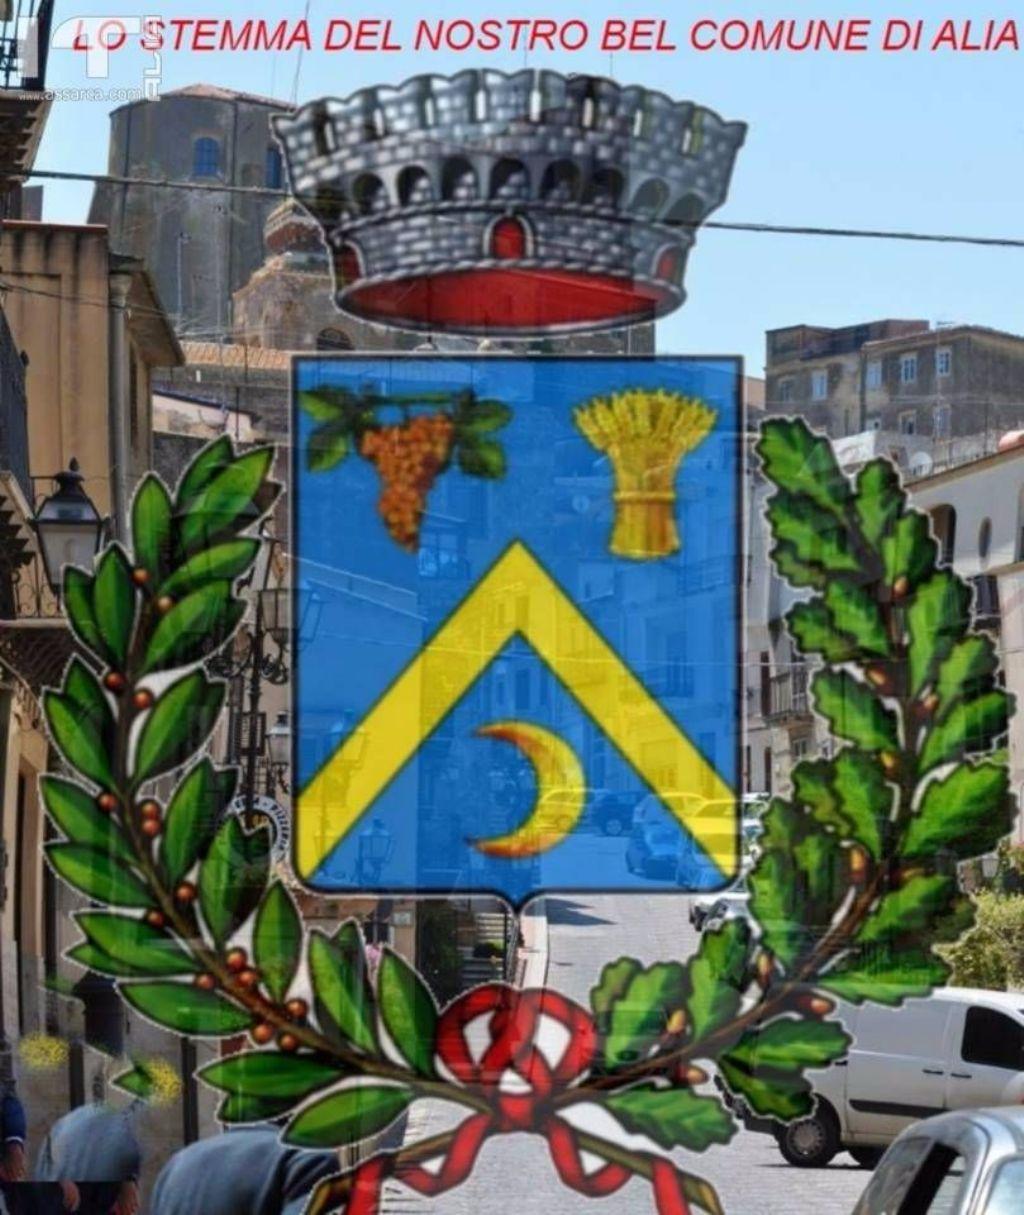 LO stemma del Comune di Alia con panorama di Alia